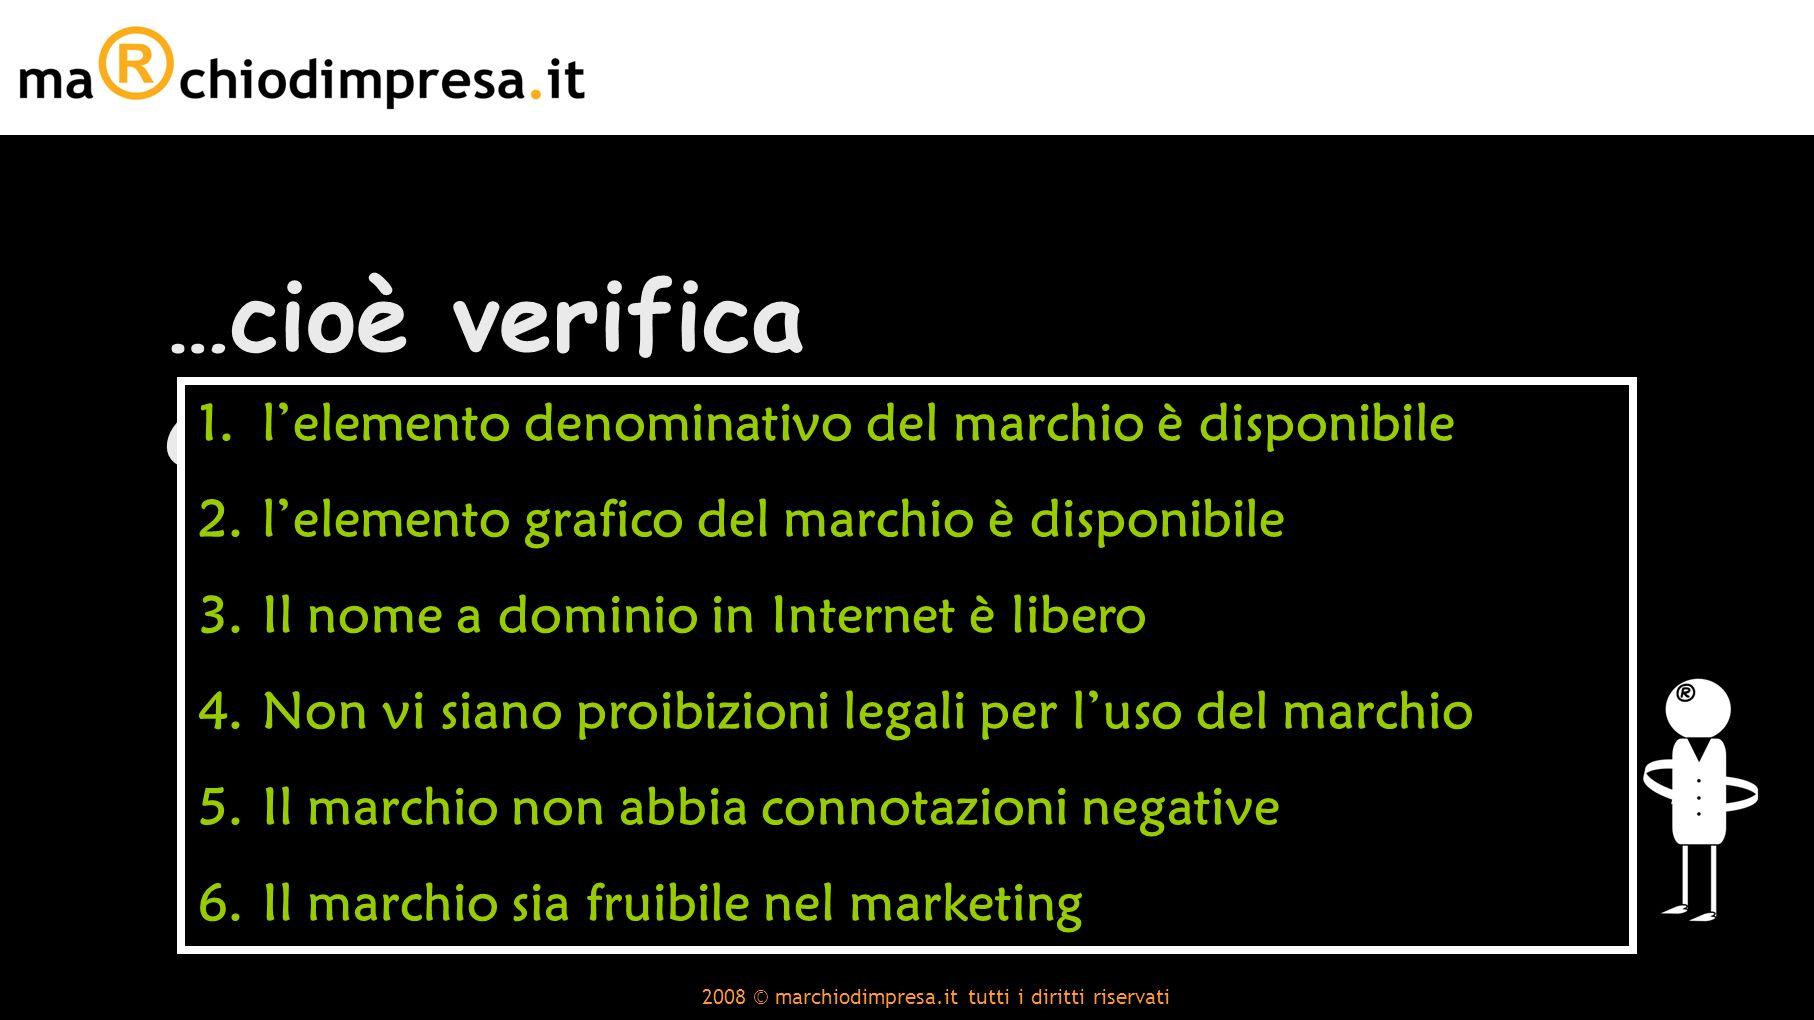 2008 © marchiodimpresa.it tutti i diritti riservati …cioè verifica che: 1.